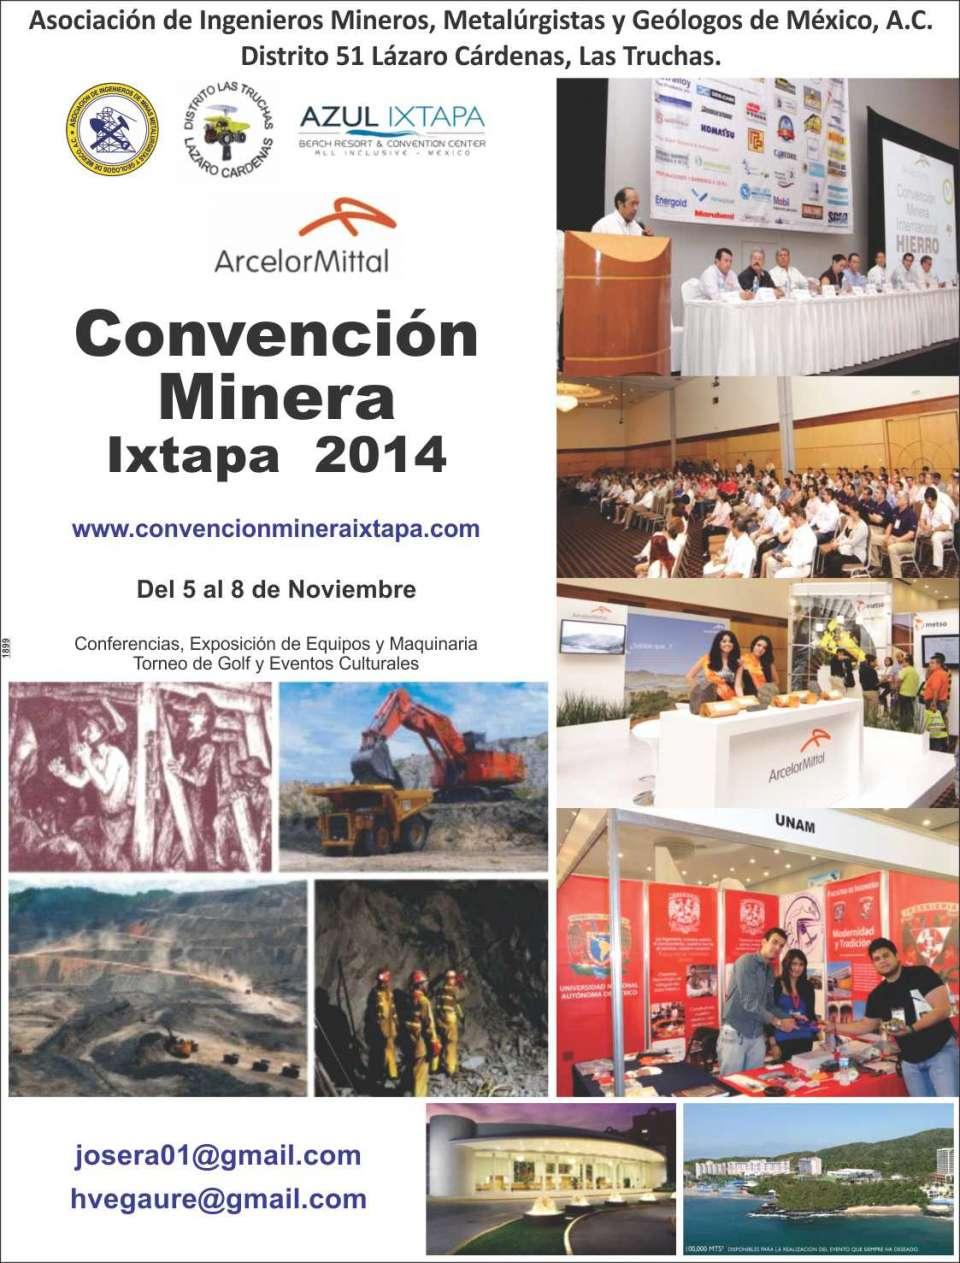 CONFERENCIAS Y EXPOSICION DE MAQUINARIA Y PRODUCTOS PARA LA MINERIA